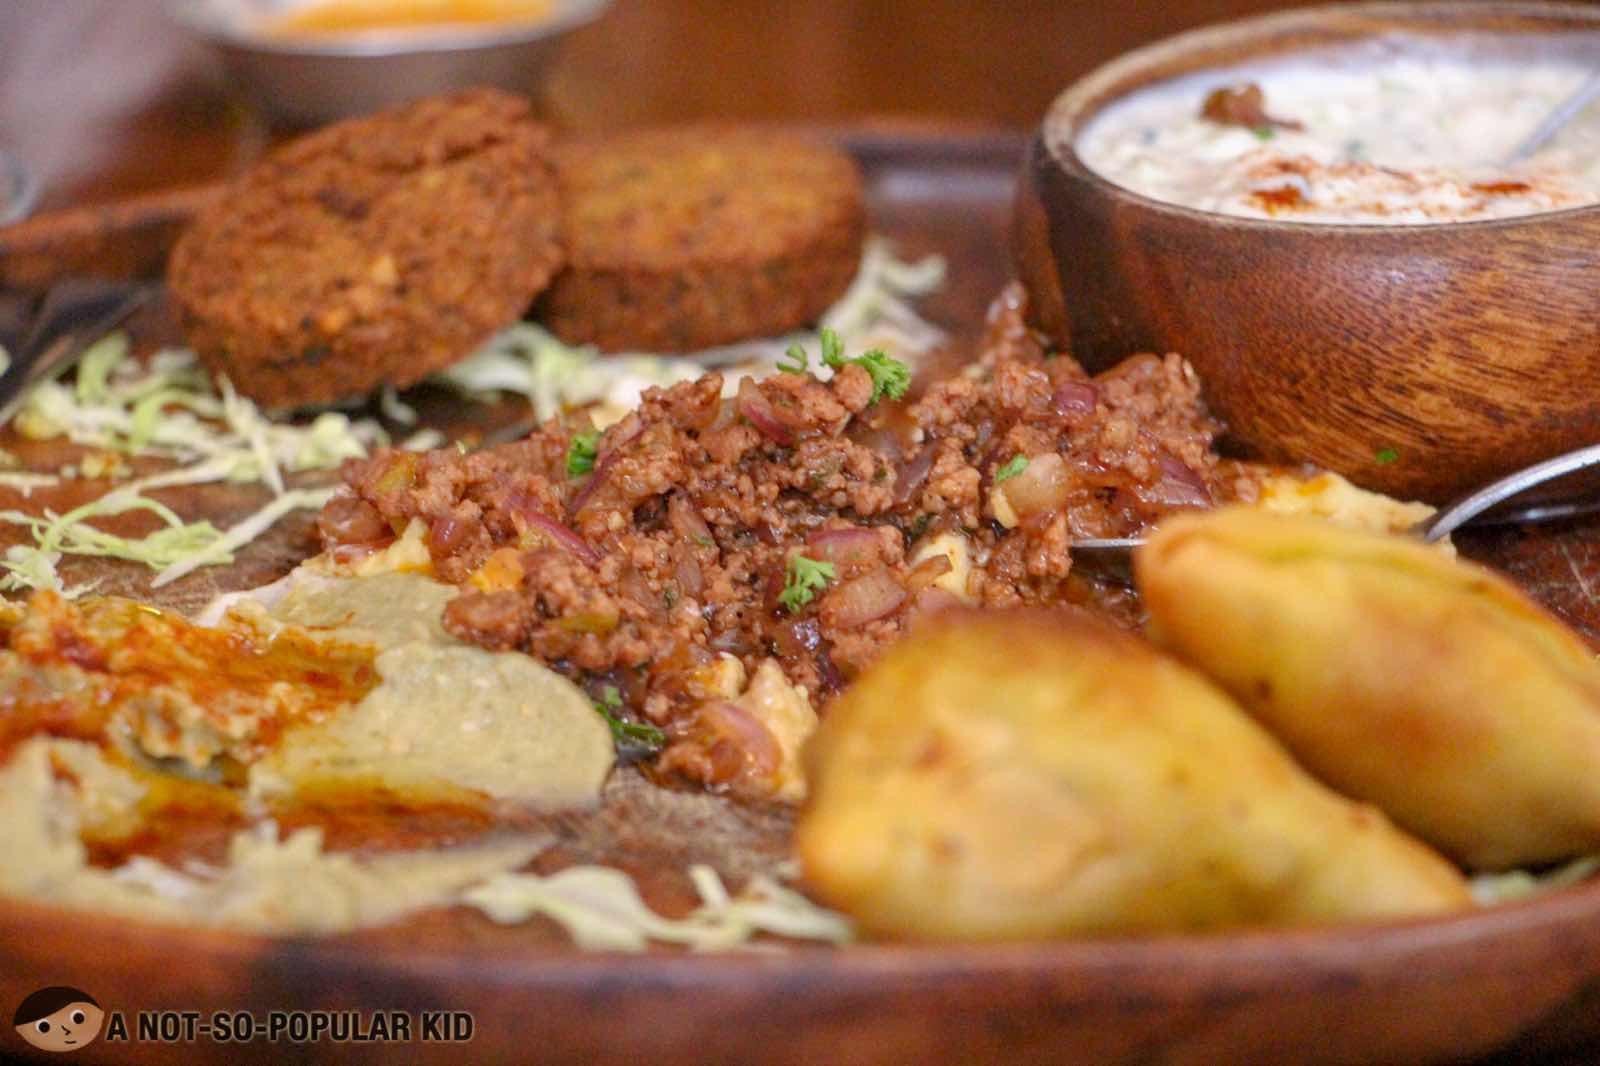 Mezze Sampler of Kite Kebab Bar